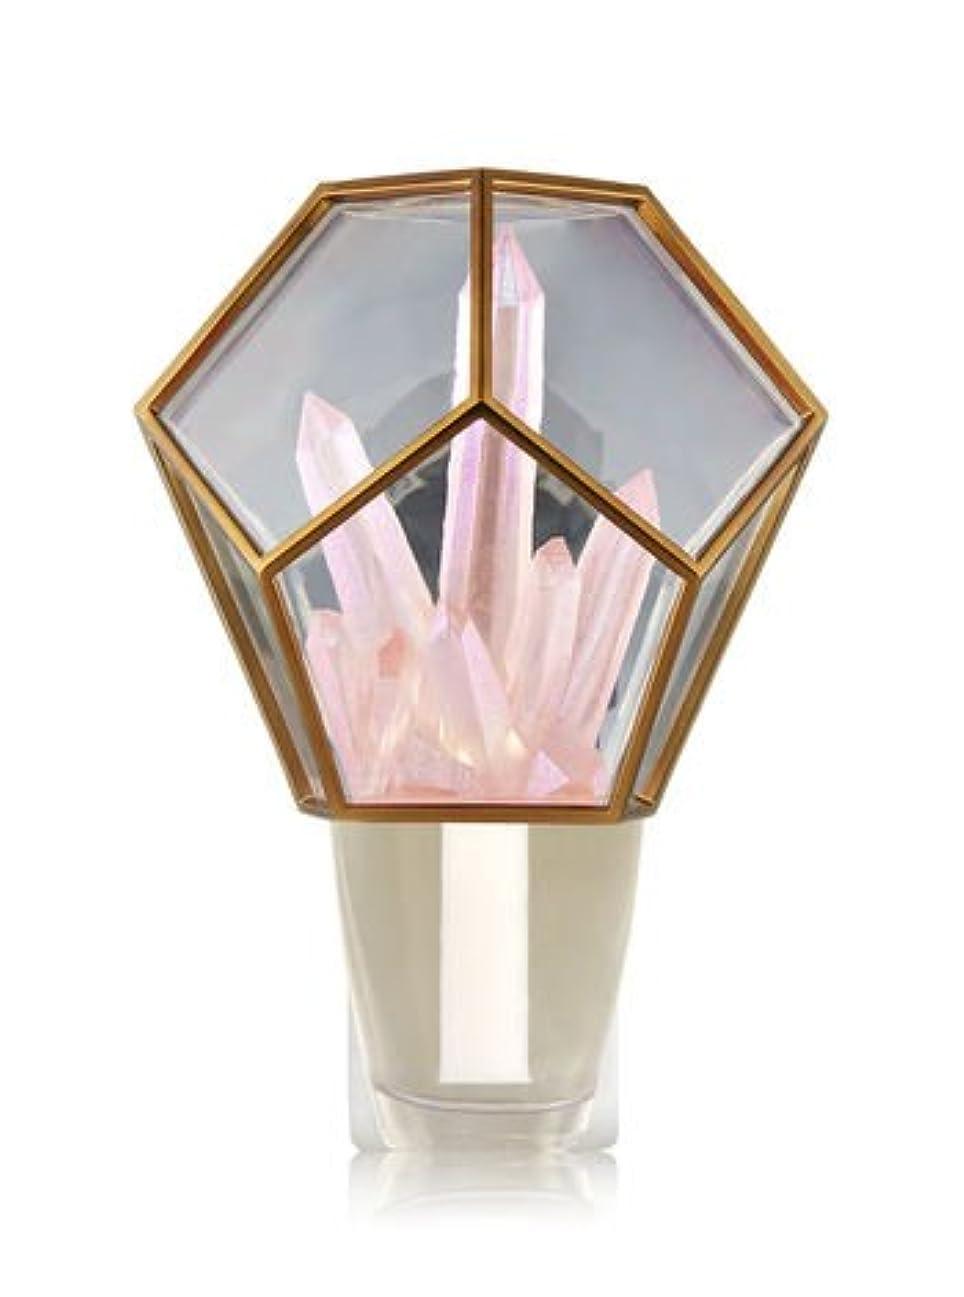 ラフ睡眠成功した目に見える【Bath&Body Works/バス&ボディワークス】 ルームフレグランス プラグインスターター (本体のみ) クリスタルテラリウムナイトライト Wallflowers Fragrance Crystal Terrarium Night Light [並行輸入品]